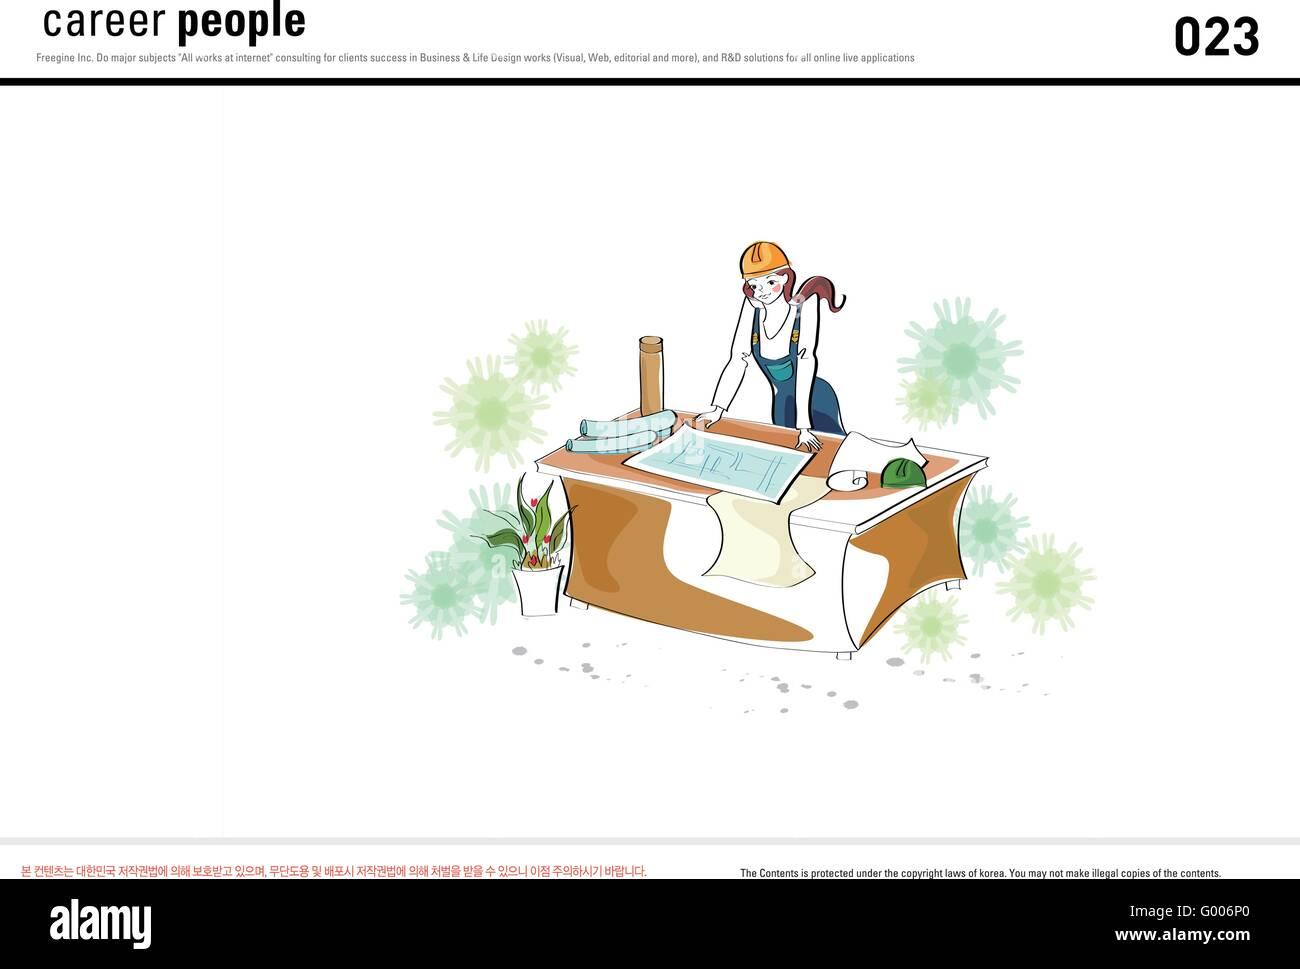 Jobs (23) - Stock Image